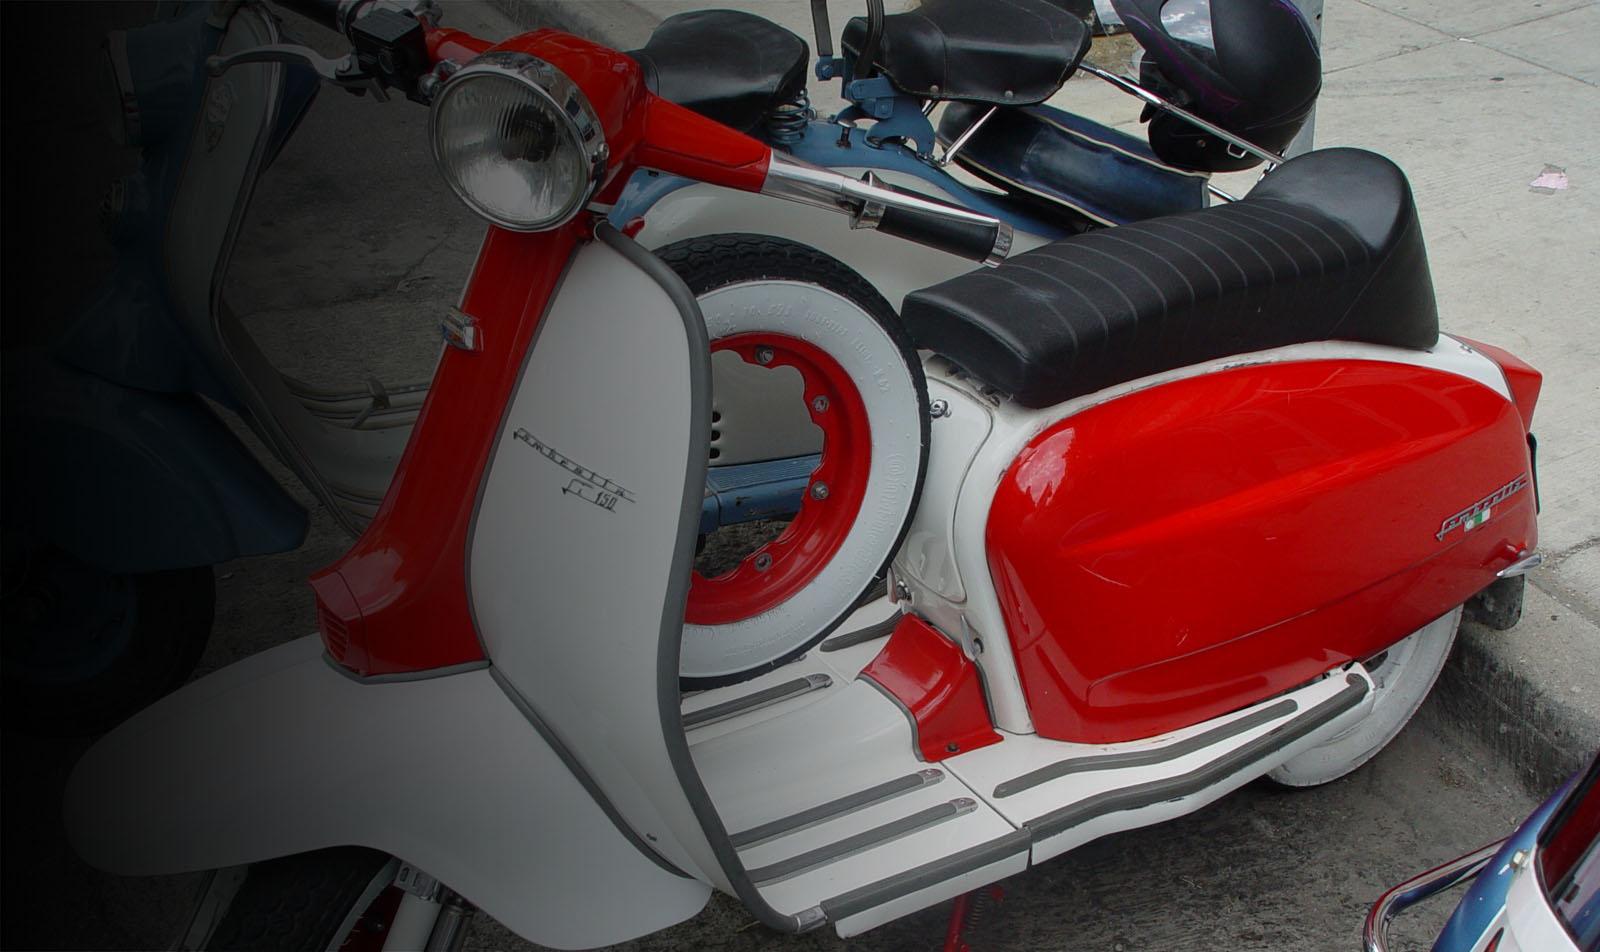 Red Lambretta